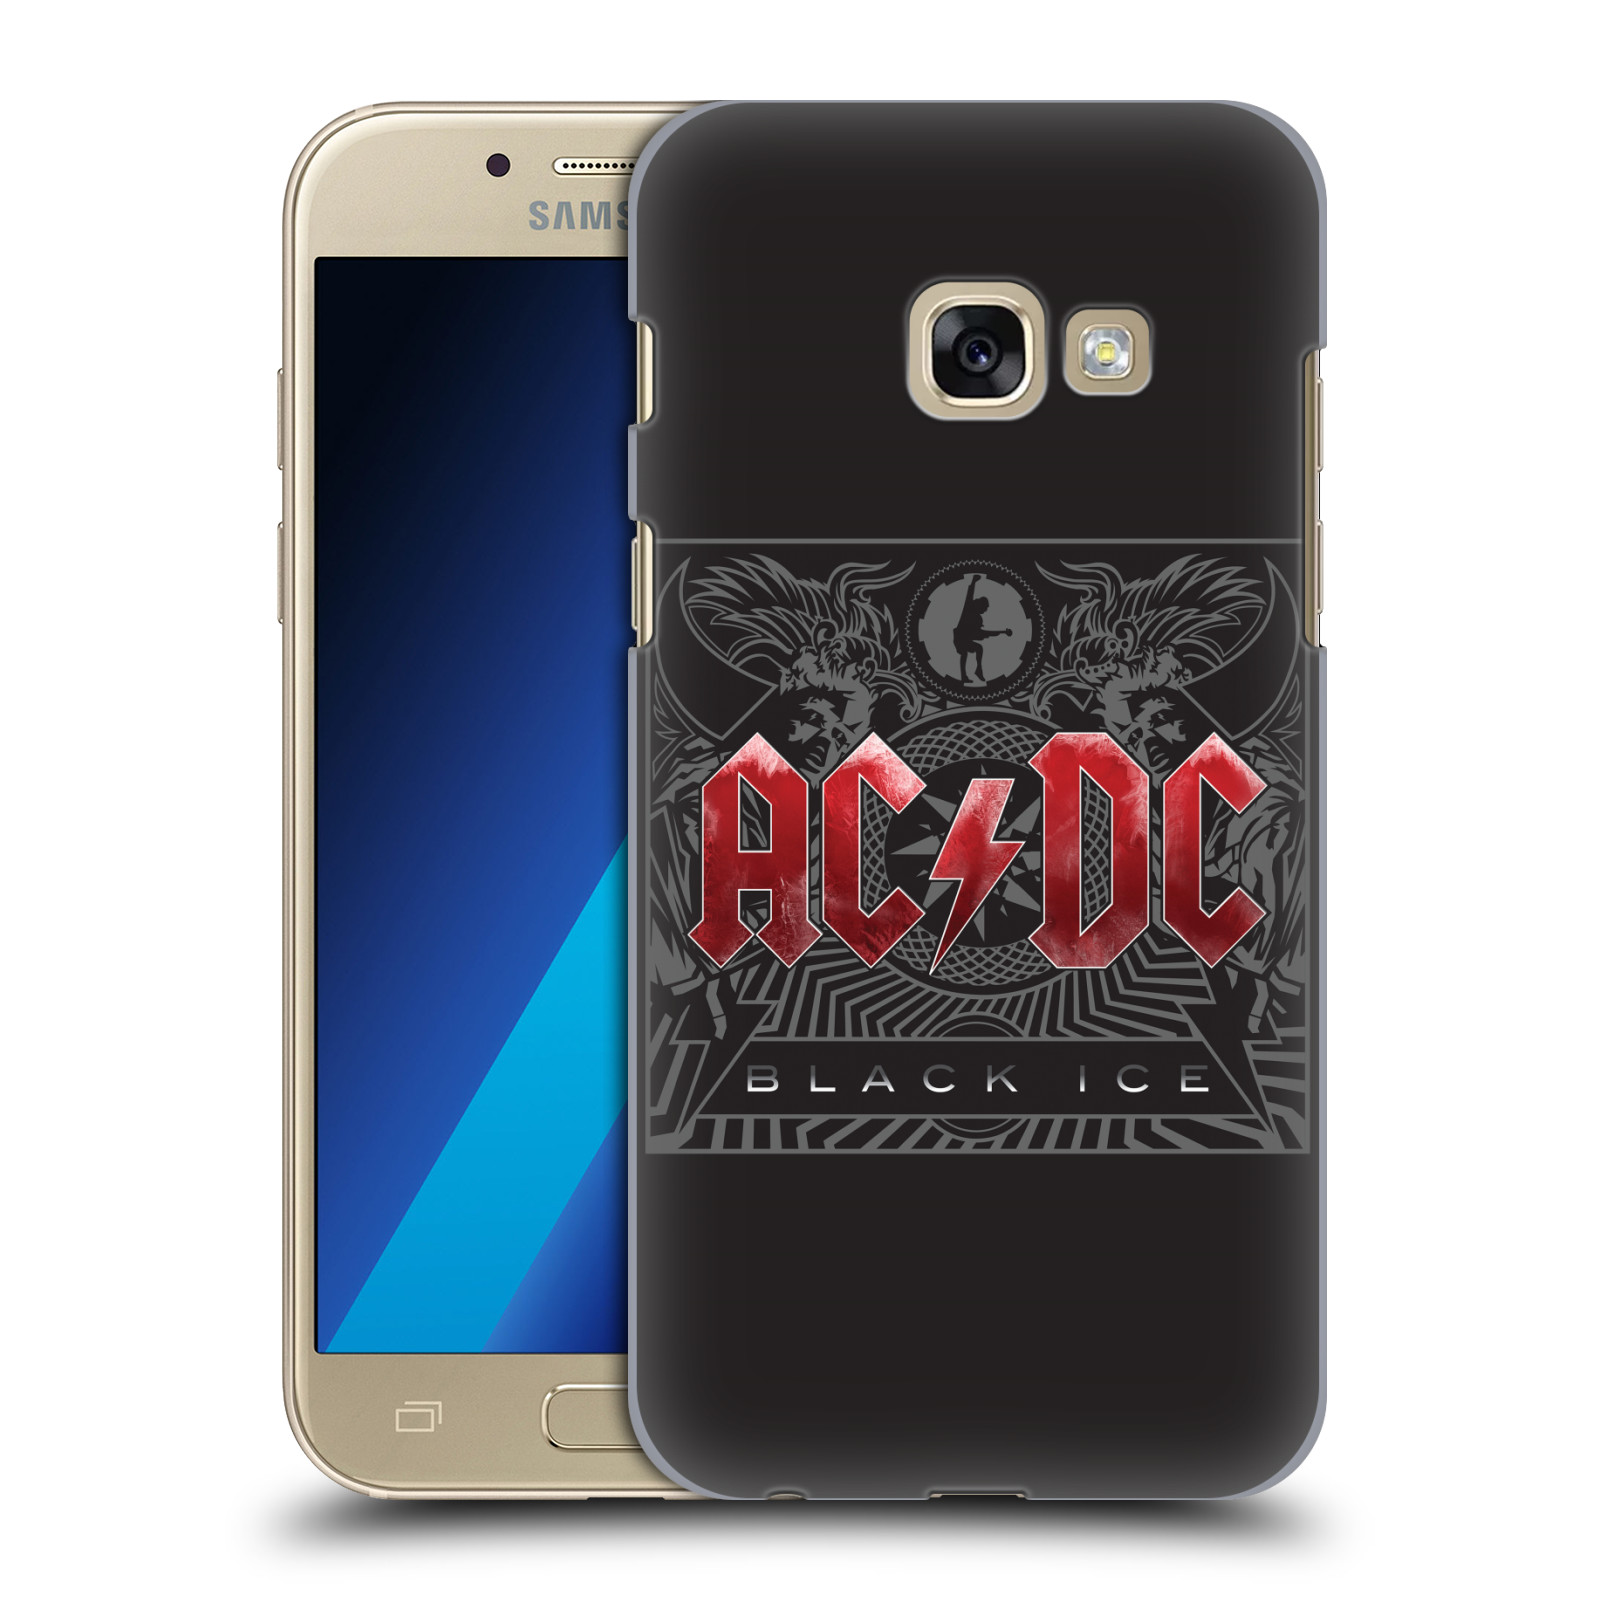 Plastové pouzdro na mobil Samsung Galaxy A3 (2017) HEAD CASE AC/DC Black Ice (Plastový kryt či obal na mobilní telefon s oficiálním motivem australské skupiny AC/DC pro Samsung Galaxy A3 2017 SM-A320)